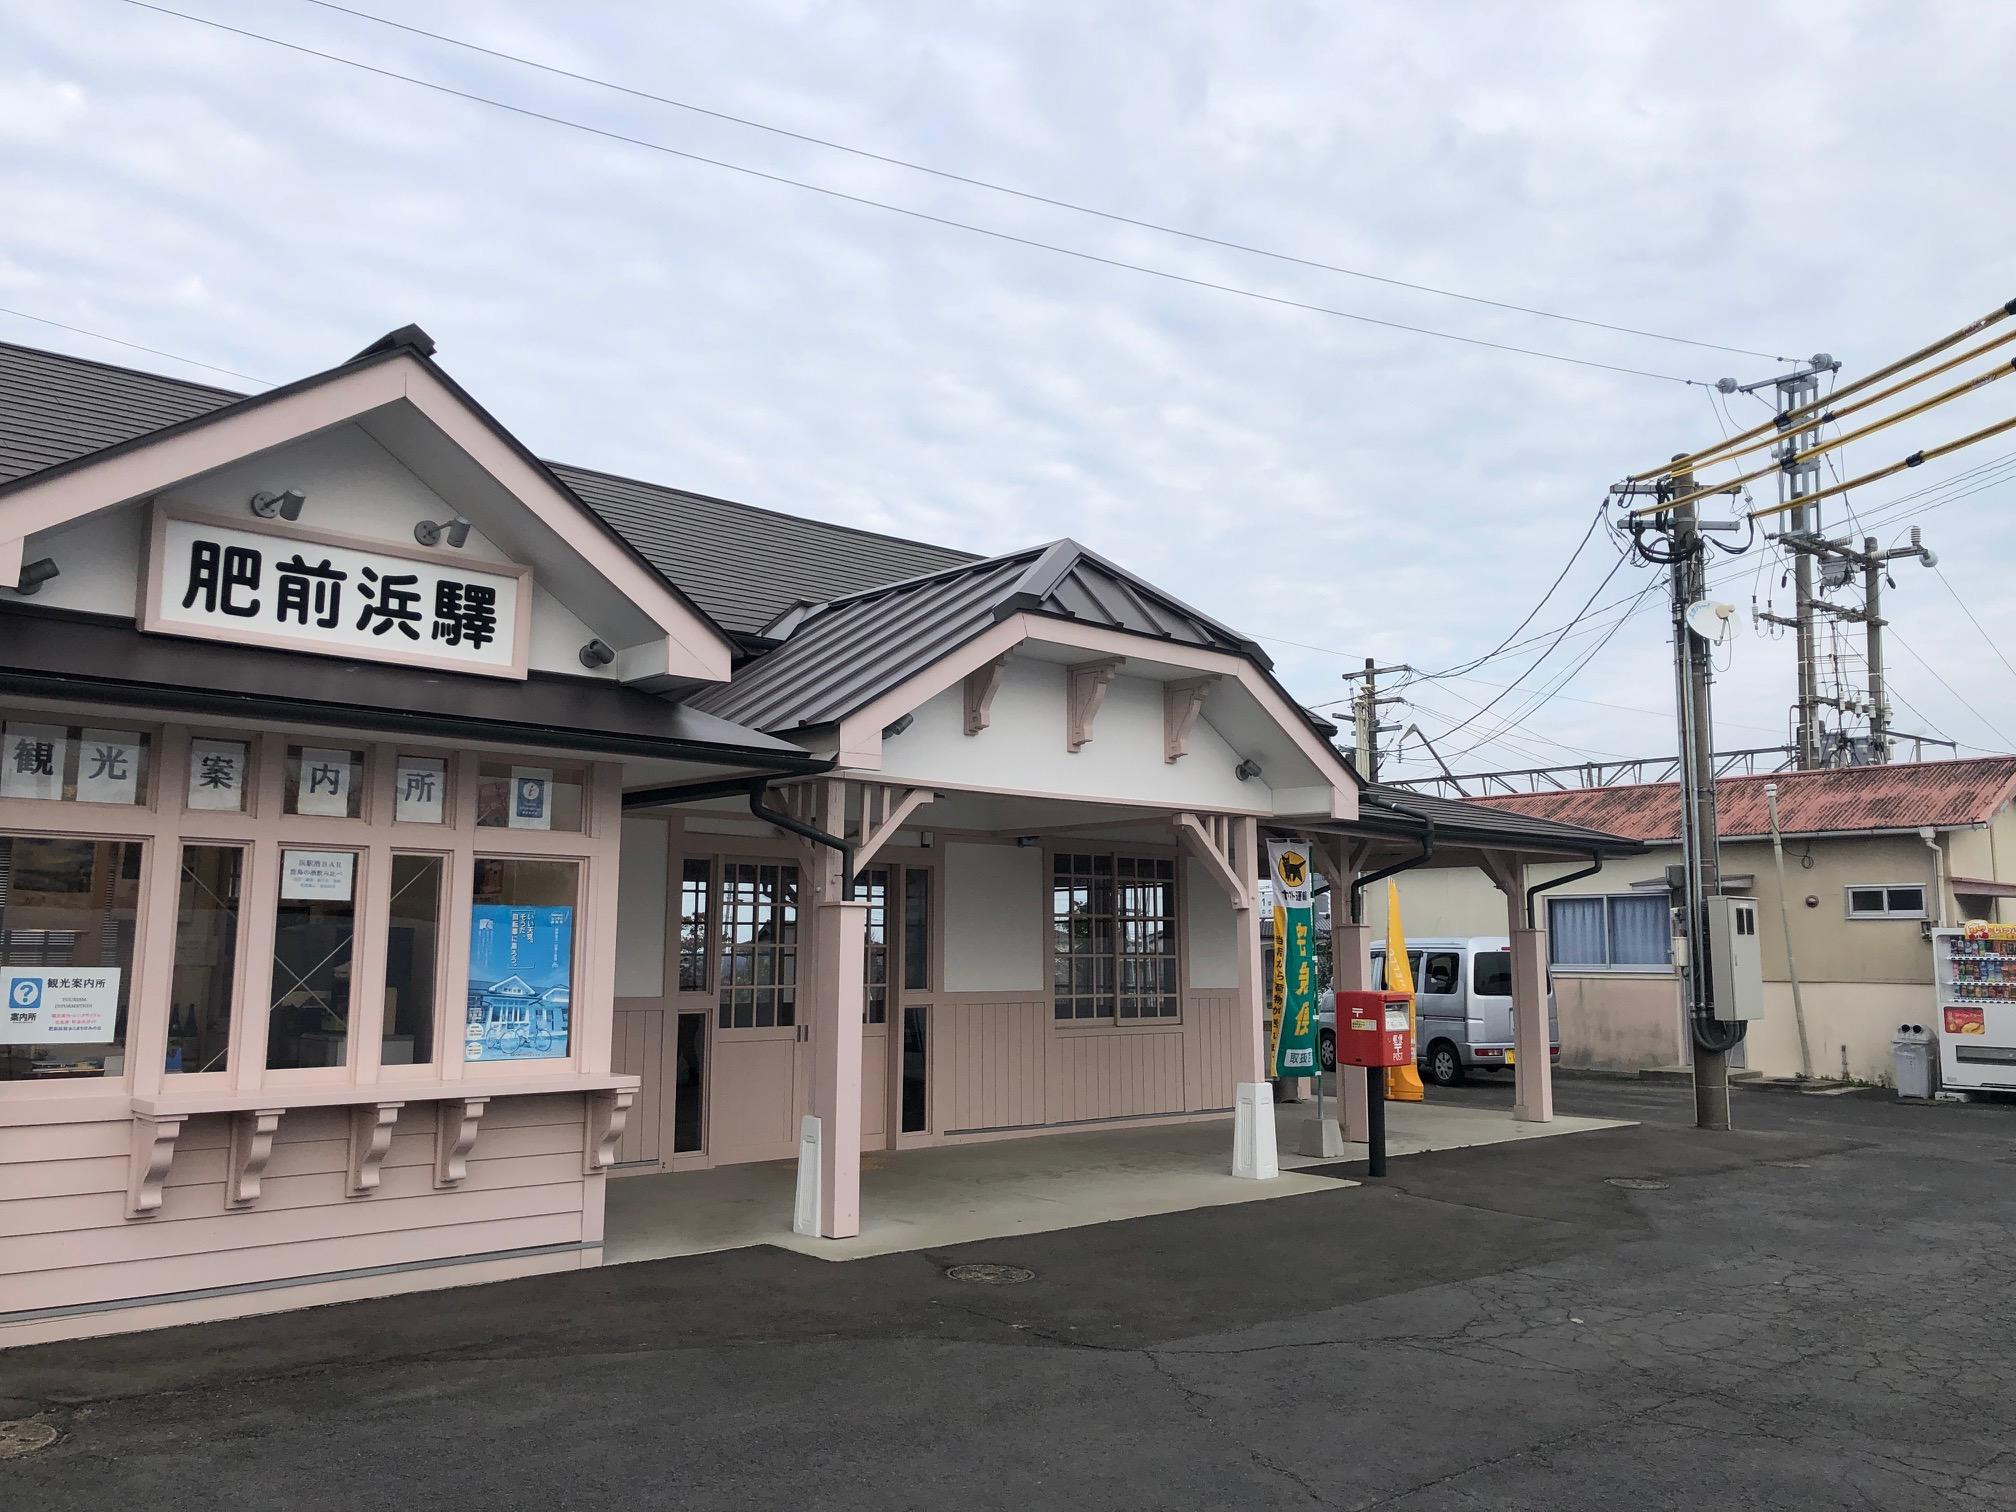 肥前浜駅 (HELLO CYCLING ポート) image